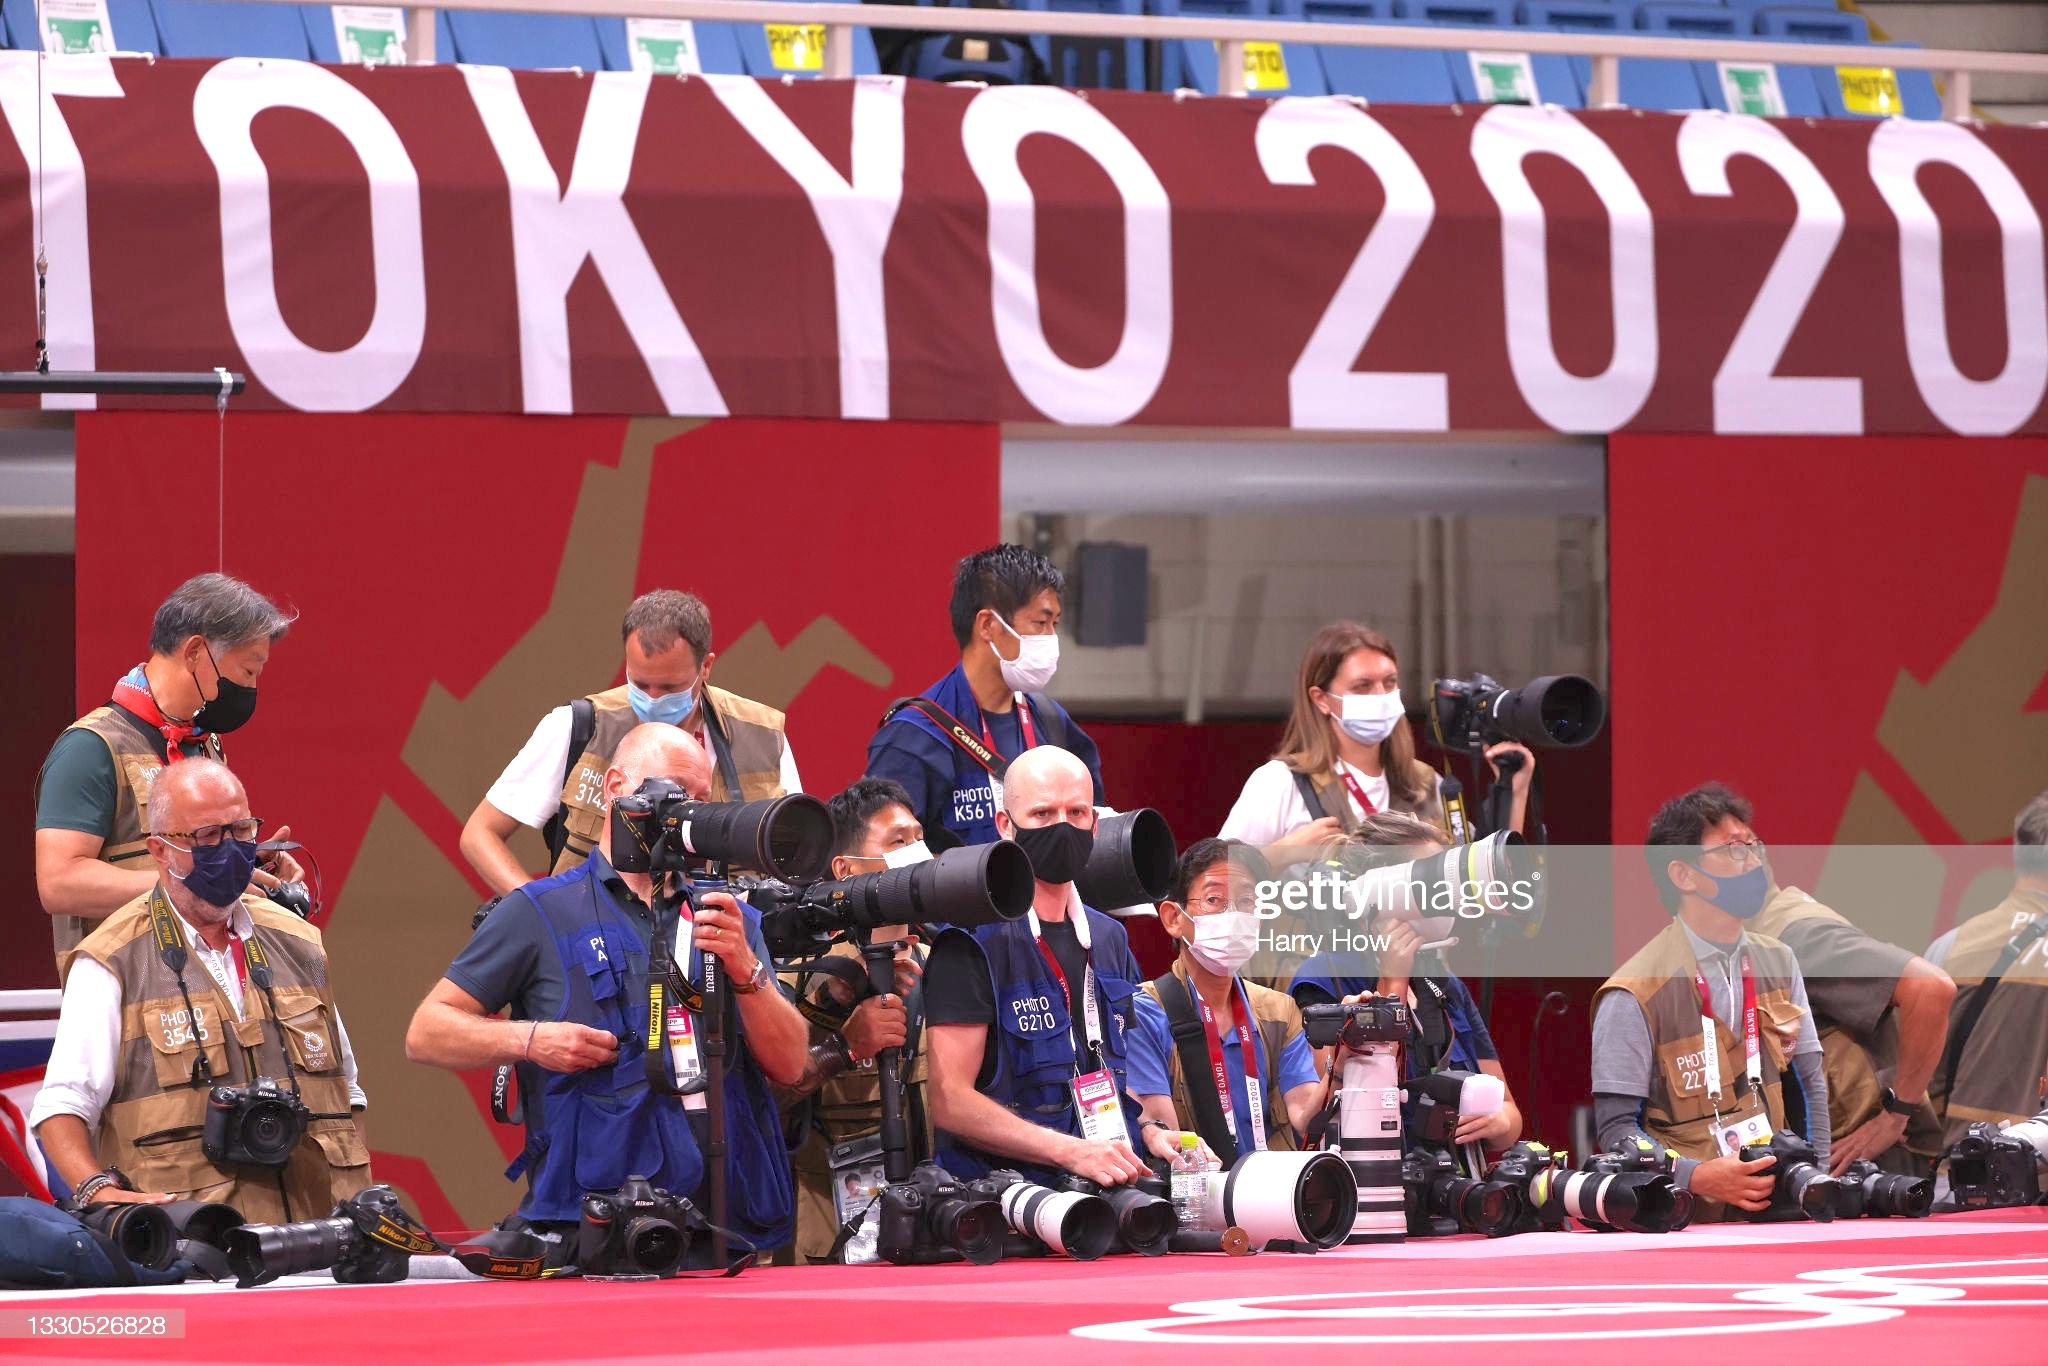 東京2020オリンピック プロカメラマン/Tokyo 2020 Olympic Pro Photographer